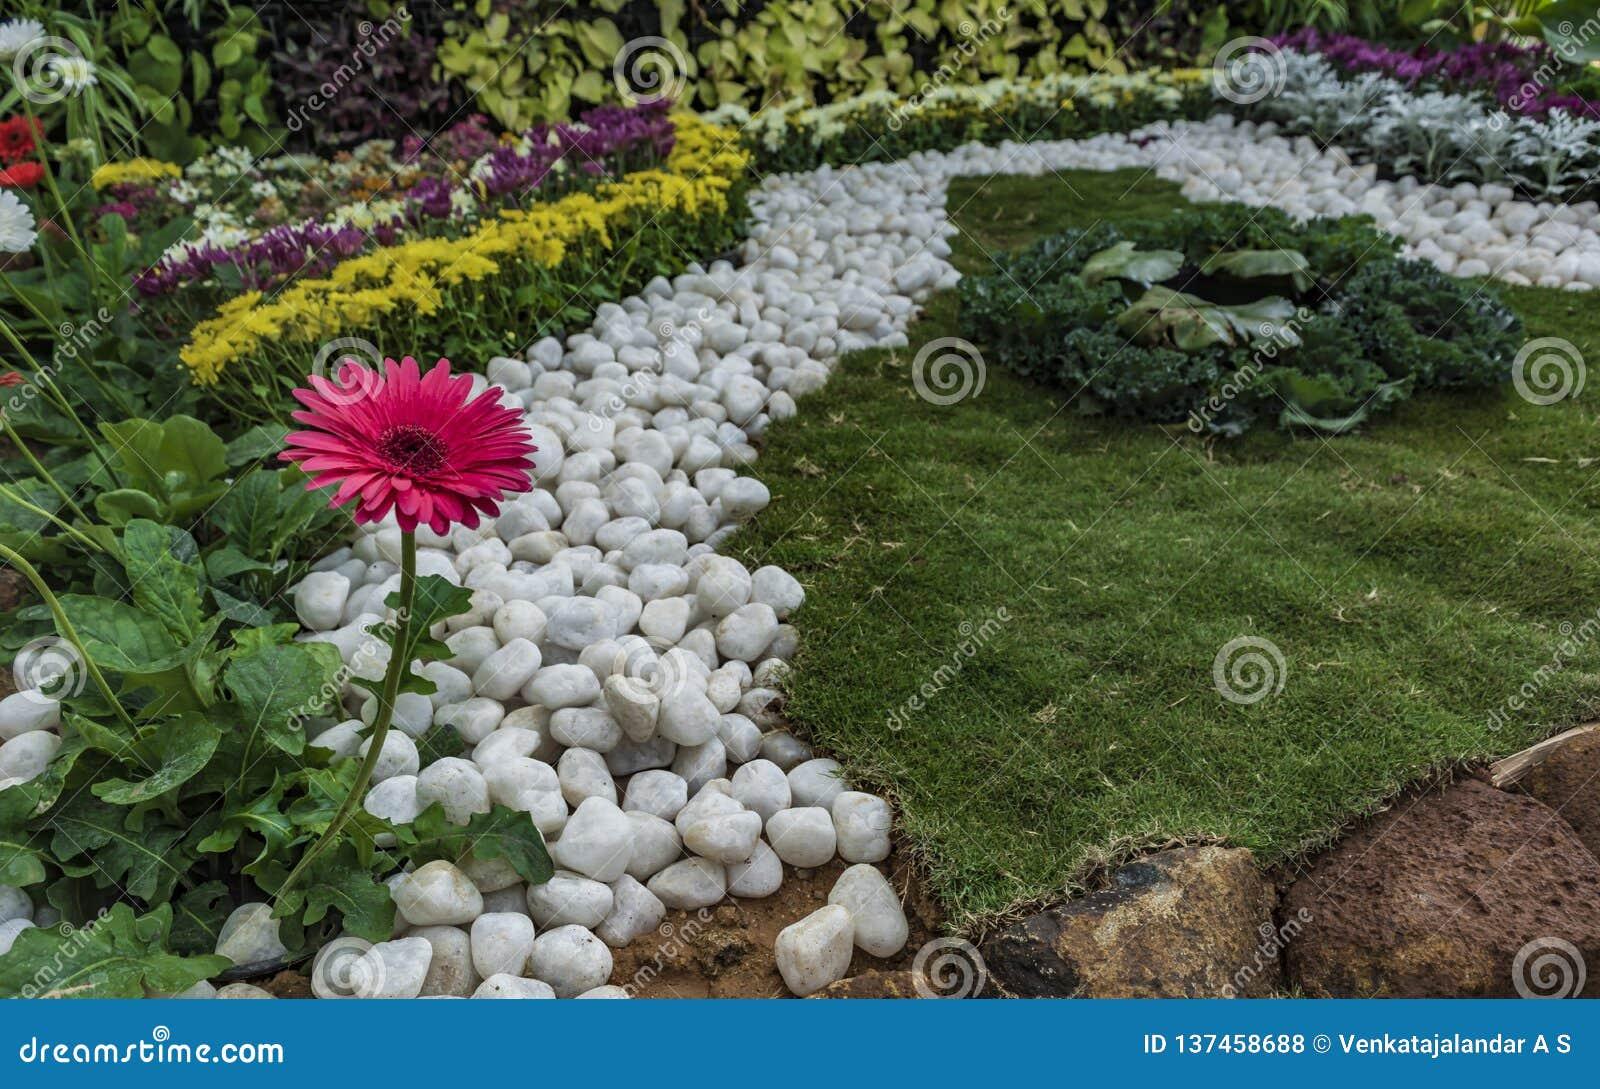 Serenità: Giardino domestico - ciottoli bianchi, prato inglese e fiore rosso della margherita